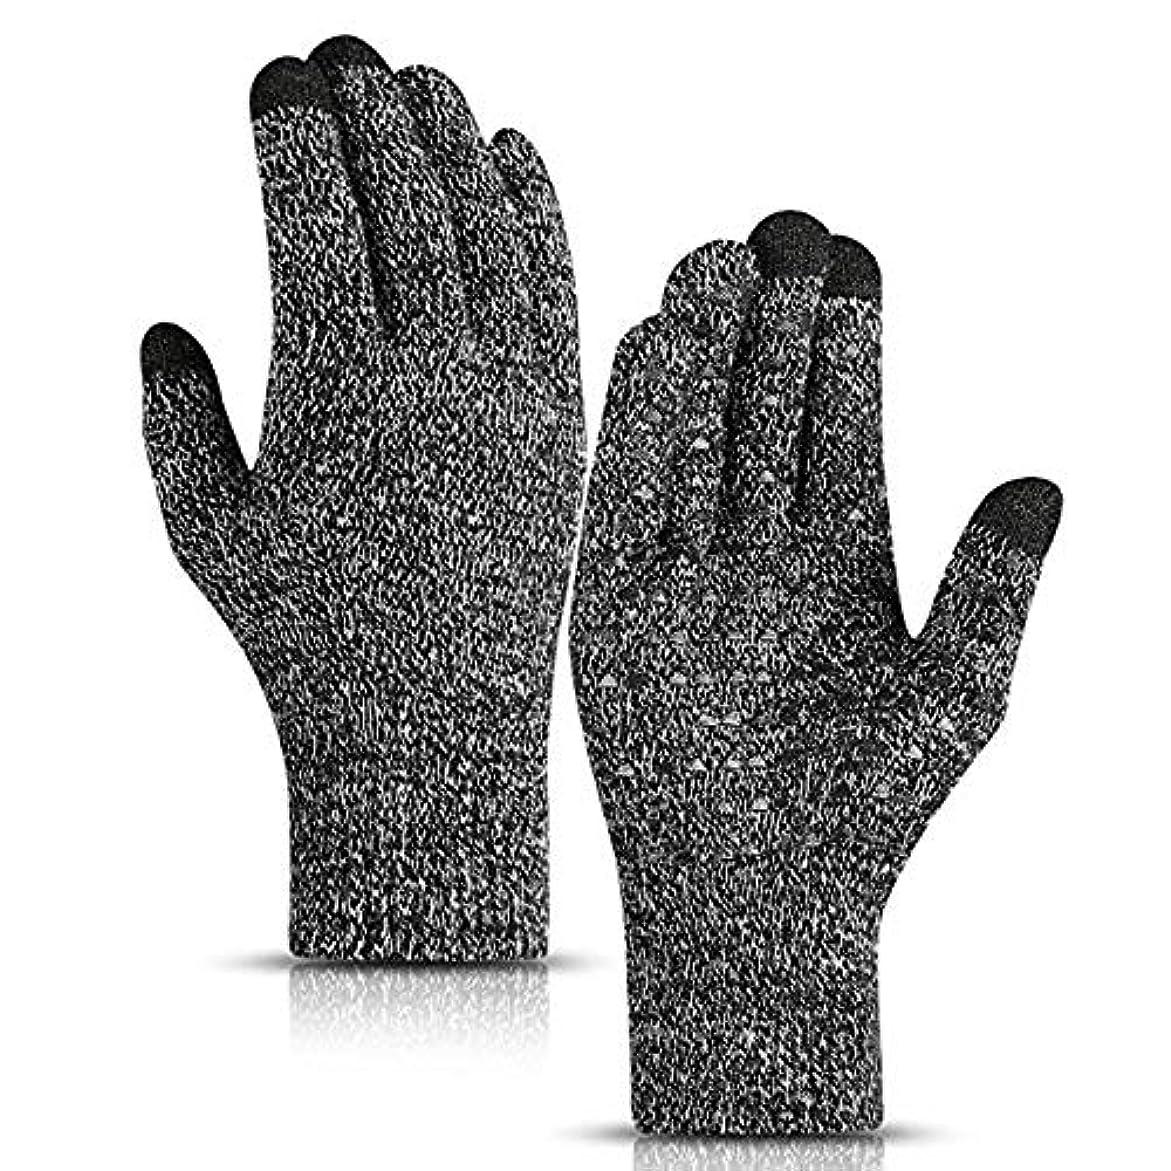 びん舗装する激怒男性と女性のための冬の手袋 - サーマルソフトウールライニング-Stretchy素材ニット - タッチスクリーンアンチスリップシリコーンゲル - 伸縮性カフ